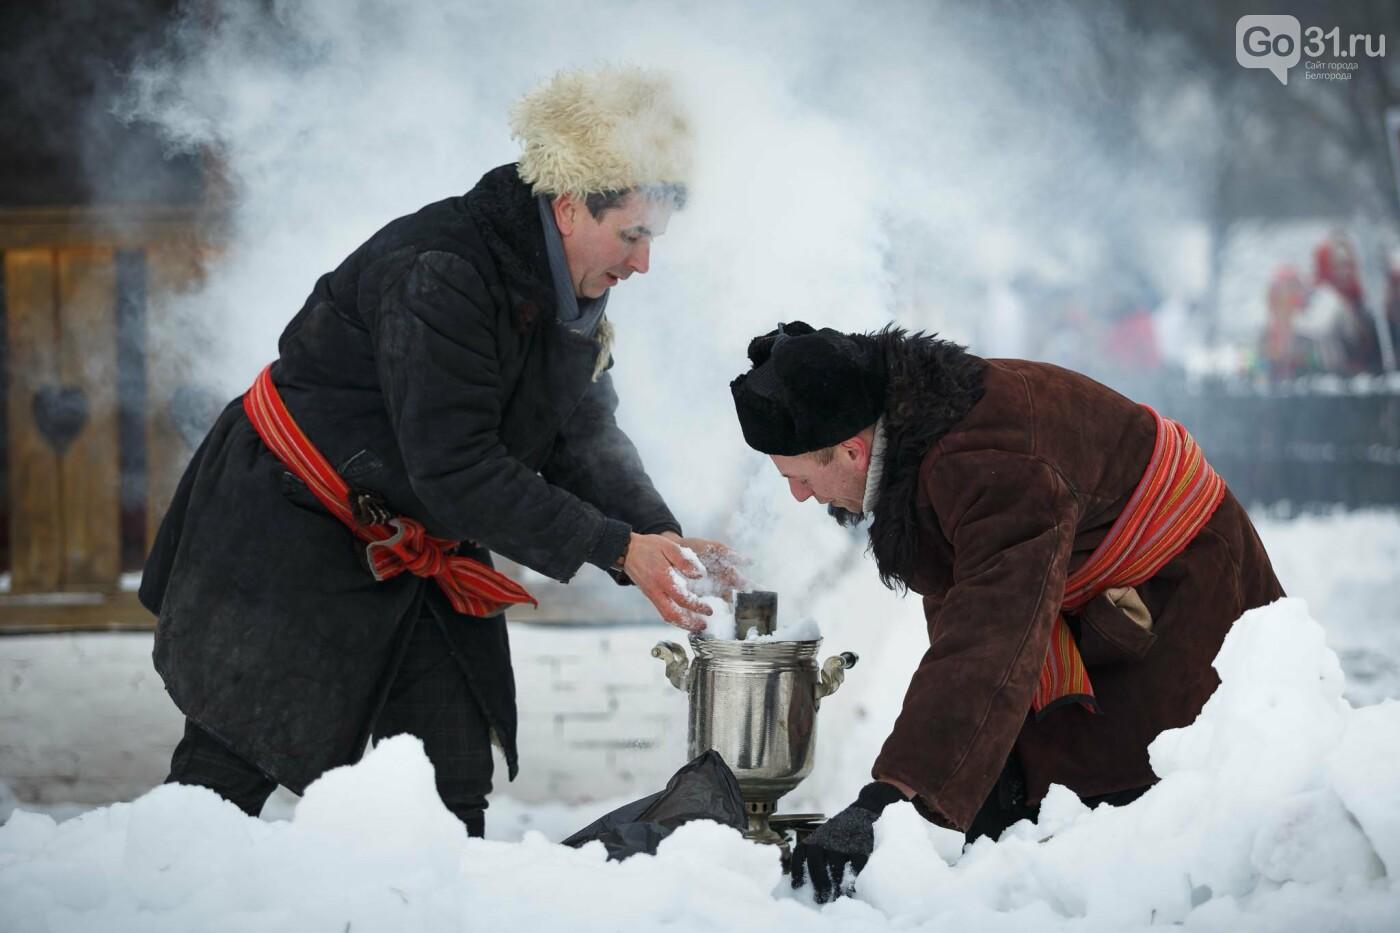 В Белгороде открылась фотовыставка «Зимние истории», фото-31, Фото: Антон Вергун